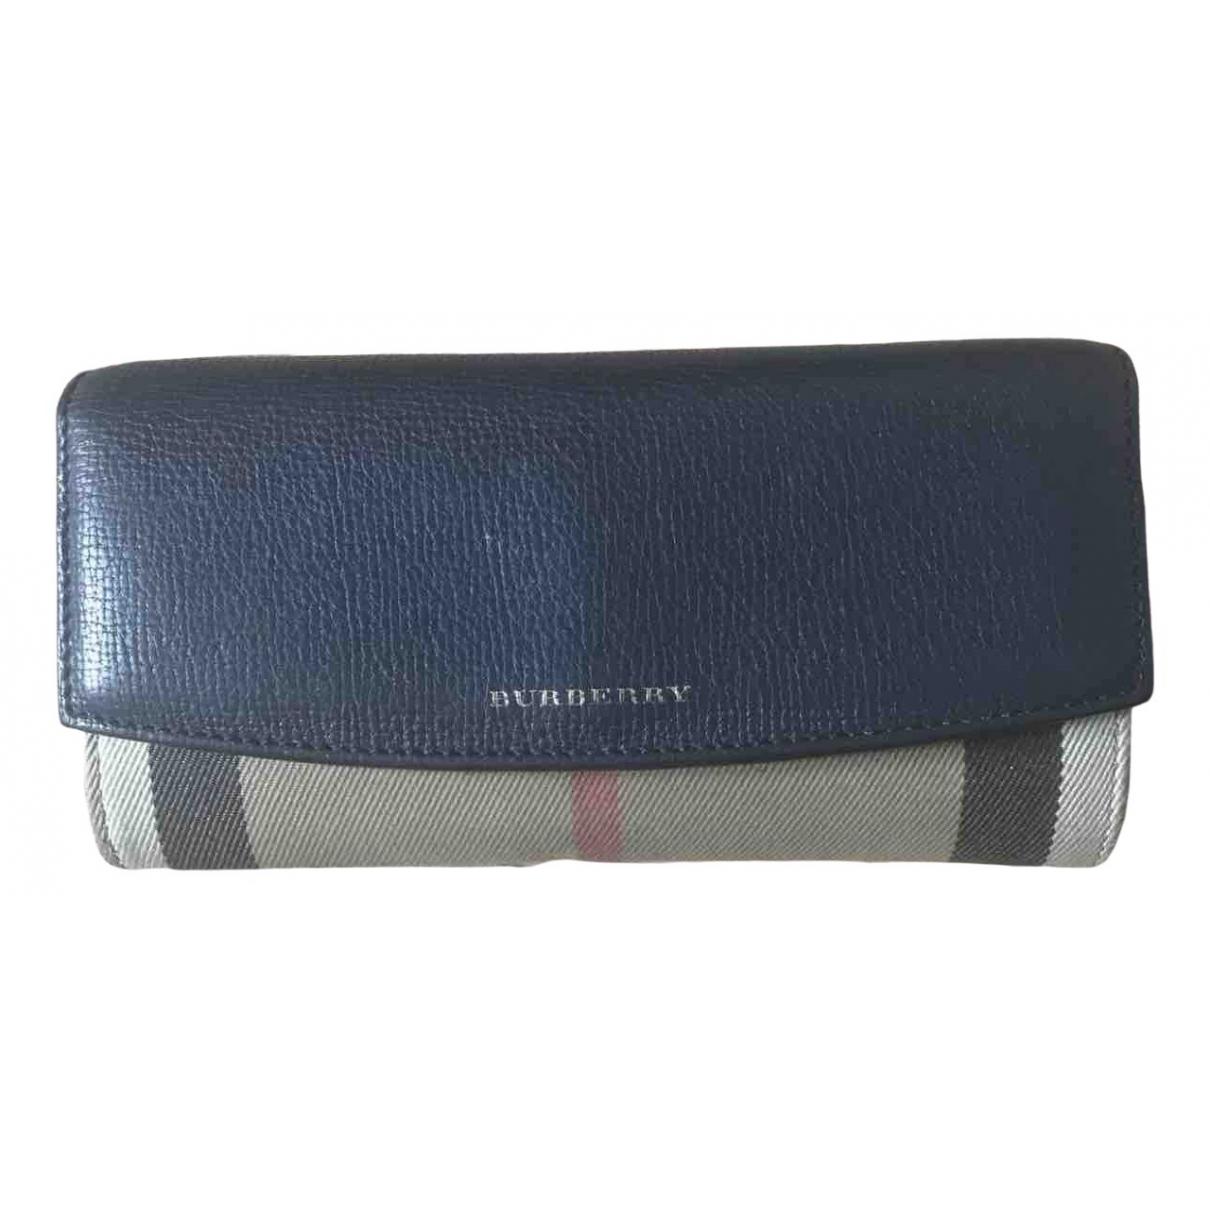 Burberry - Portefeuille   pour femme en cuir - bleu